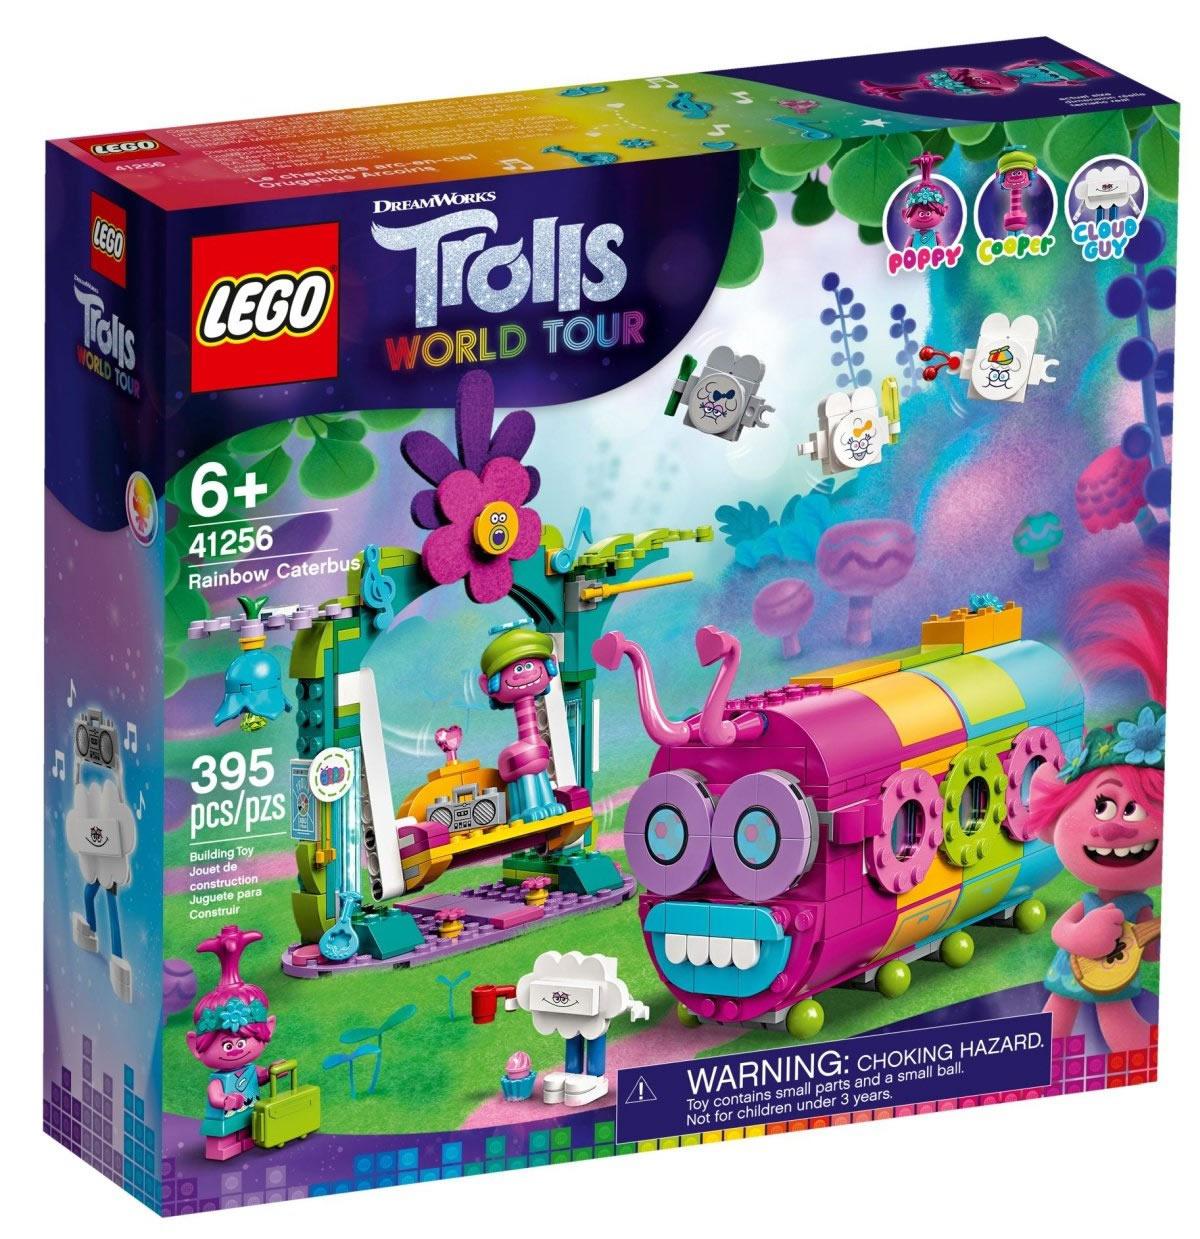 41256-lego-trolls-rainbow-caterbus-box-2020 zusammengebaut.com